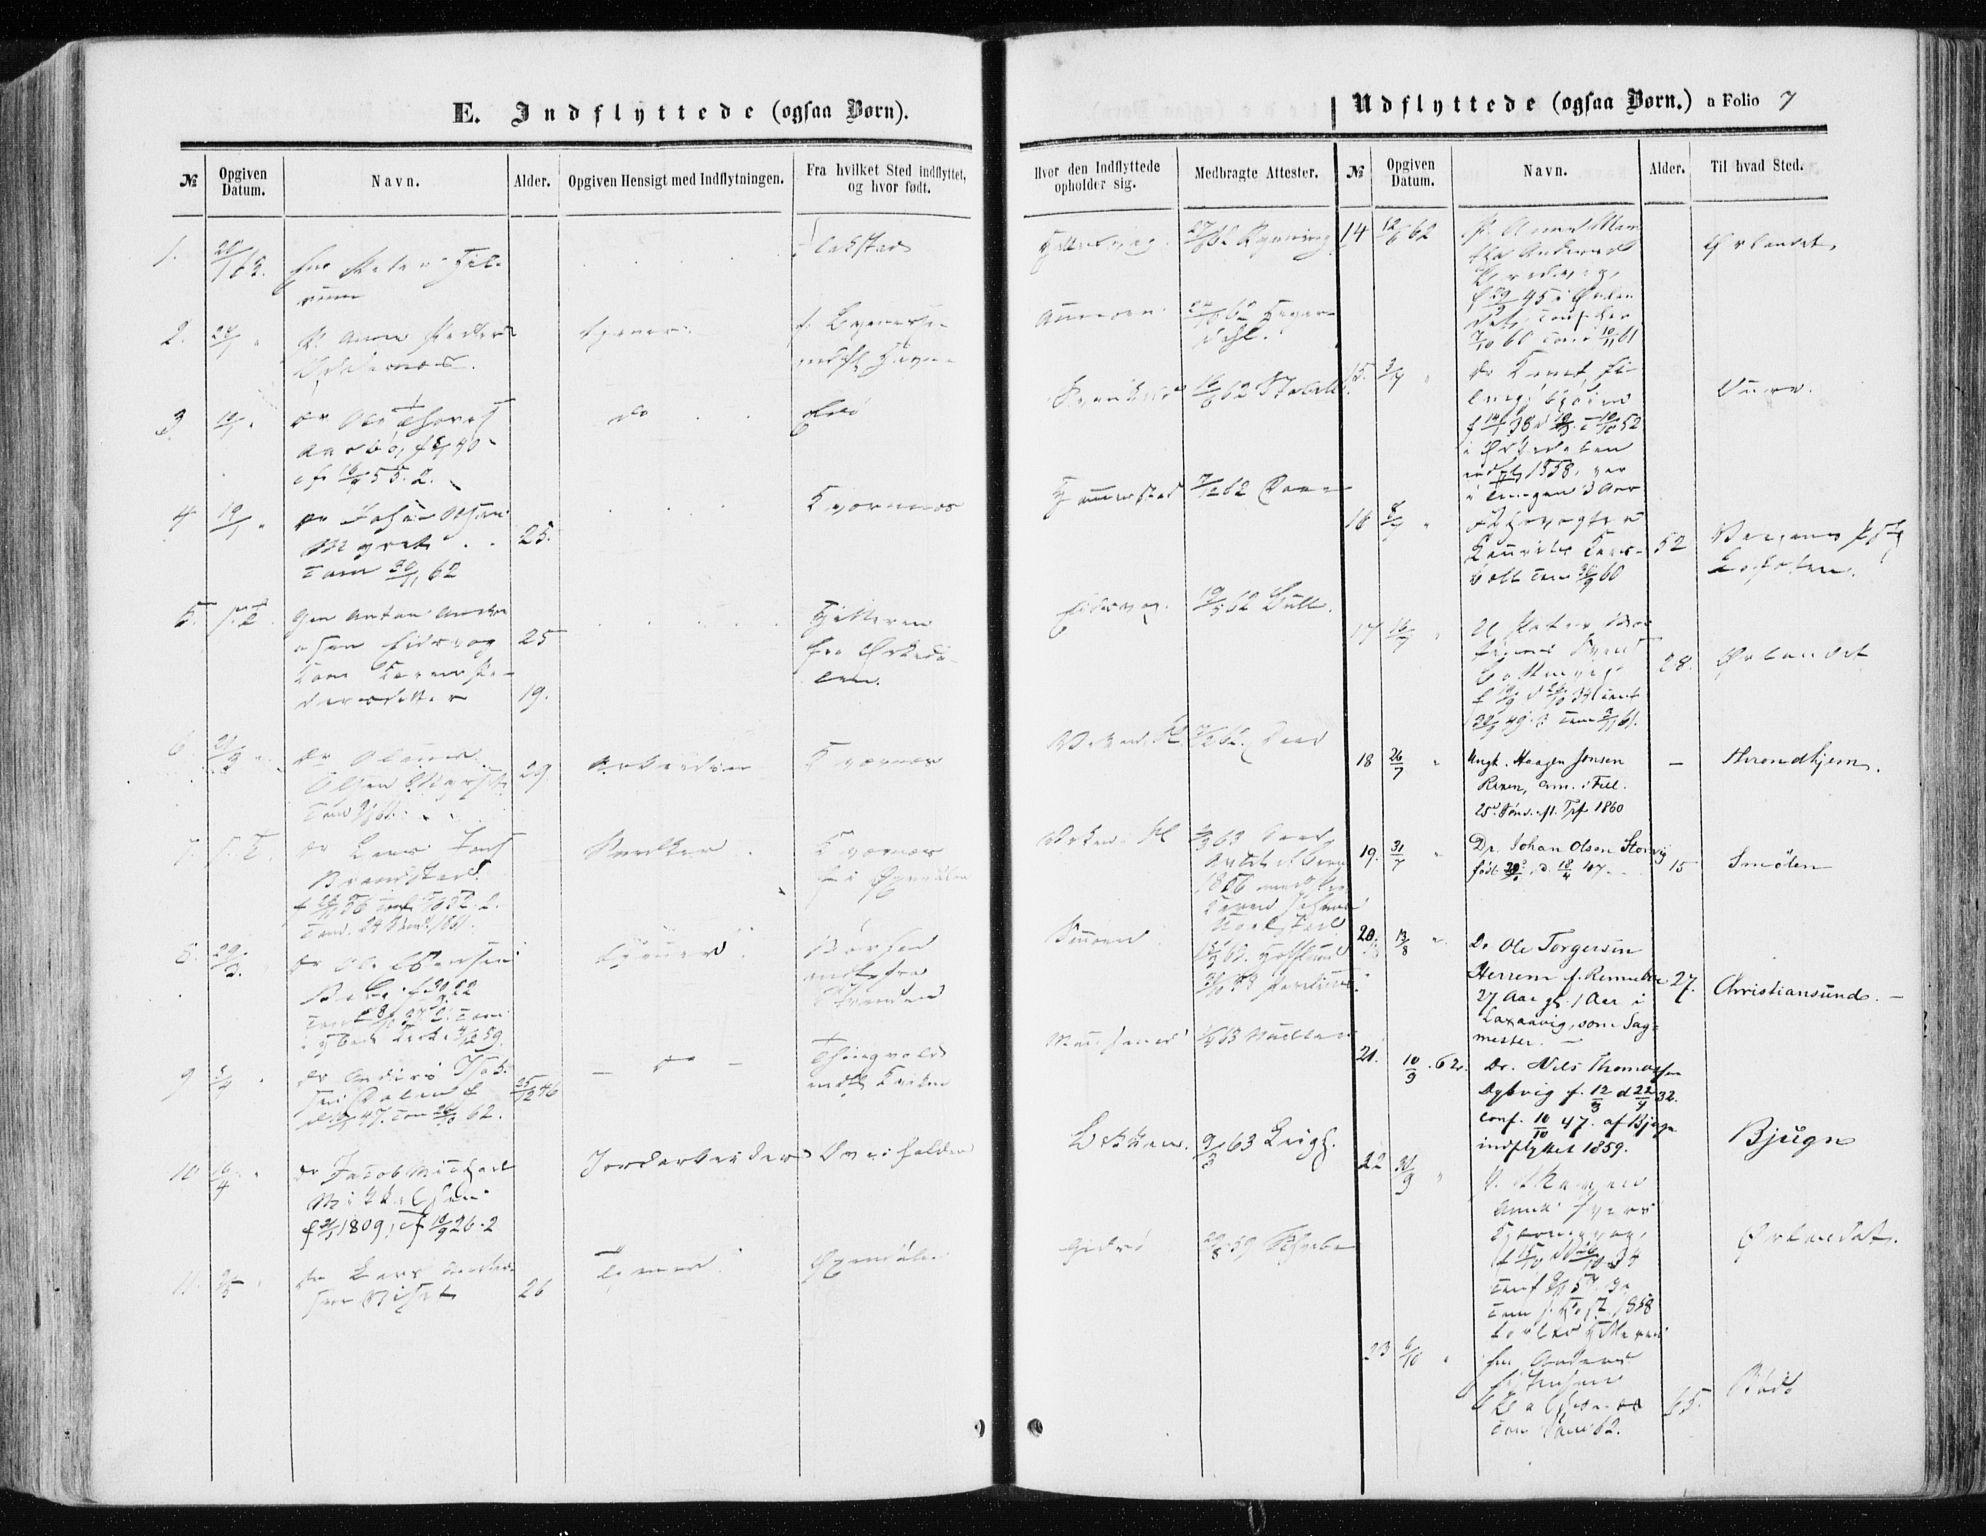 SAT, Ministerialprotokoller, klokkerbøker og fødselsregistre - Sør-Trøndelag, 634/L0531: Ministerialbok nr. 634A07, 1861-1870, s. 7